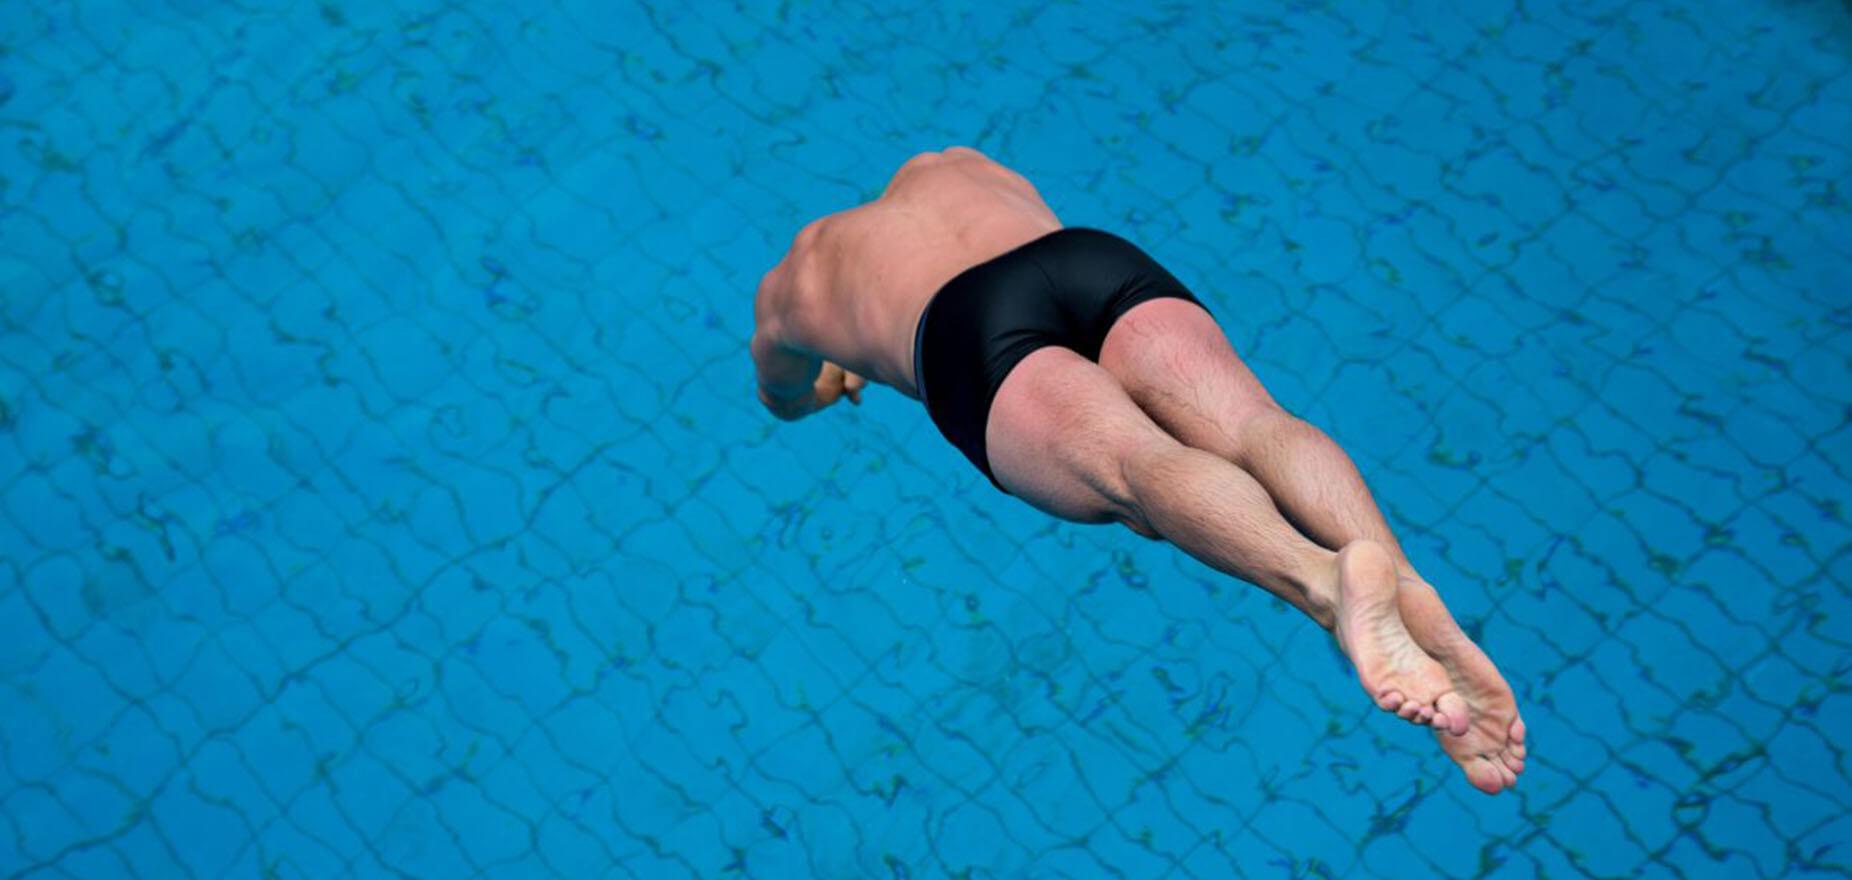 Schwimmer springt in das Schwimmbecken